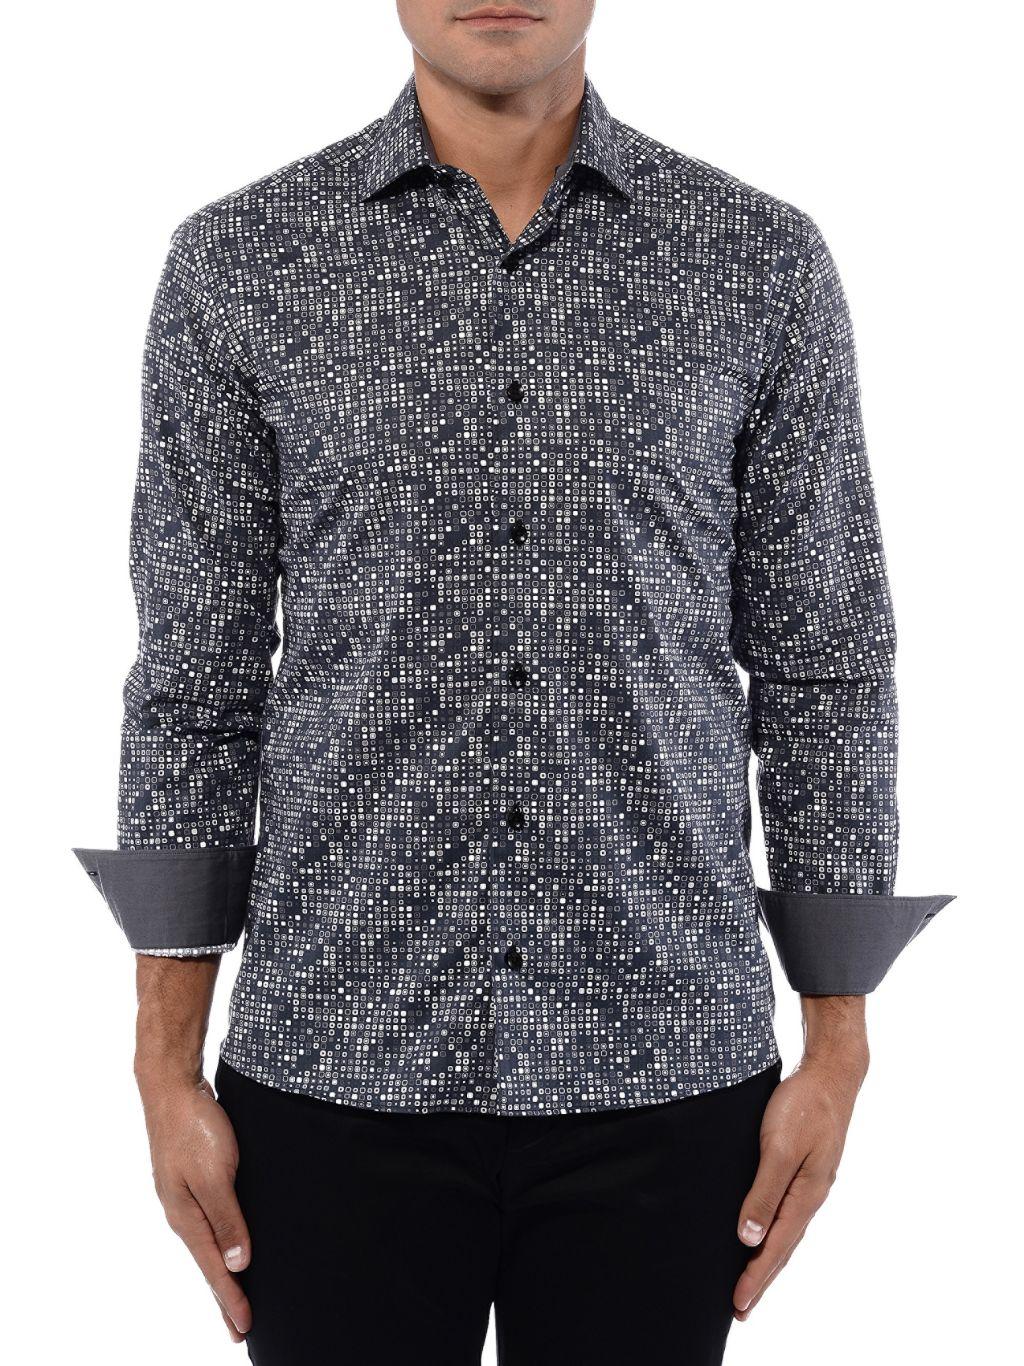 Bertigo Grid Shirt